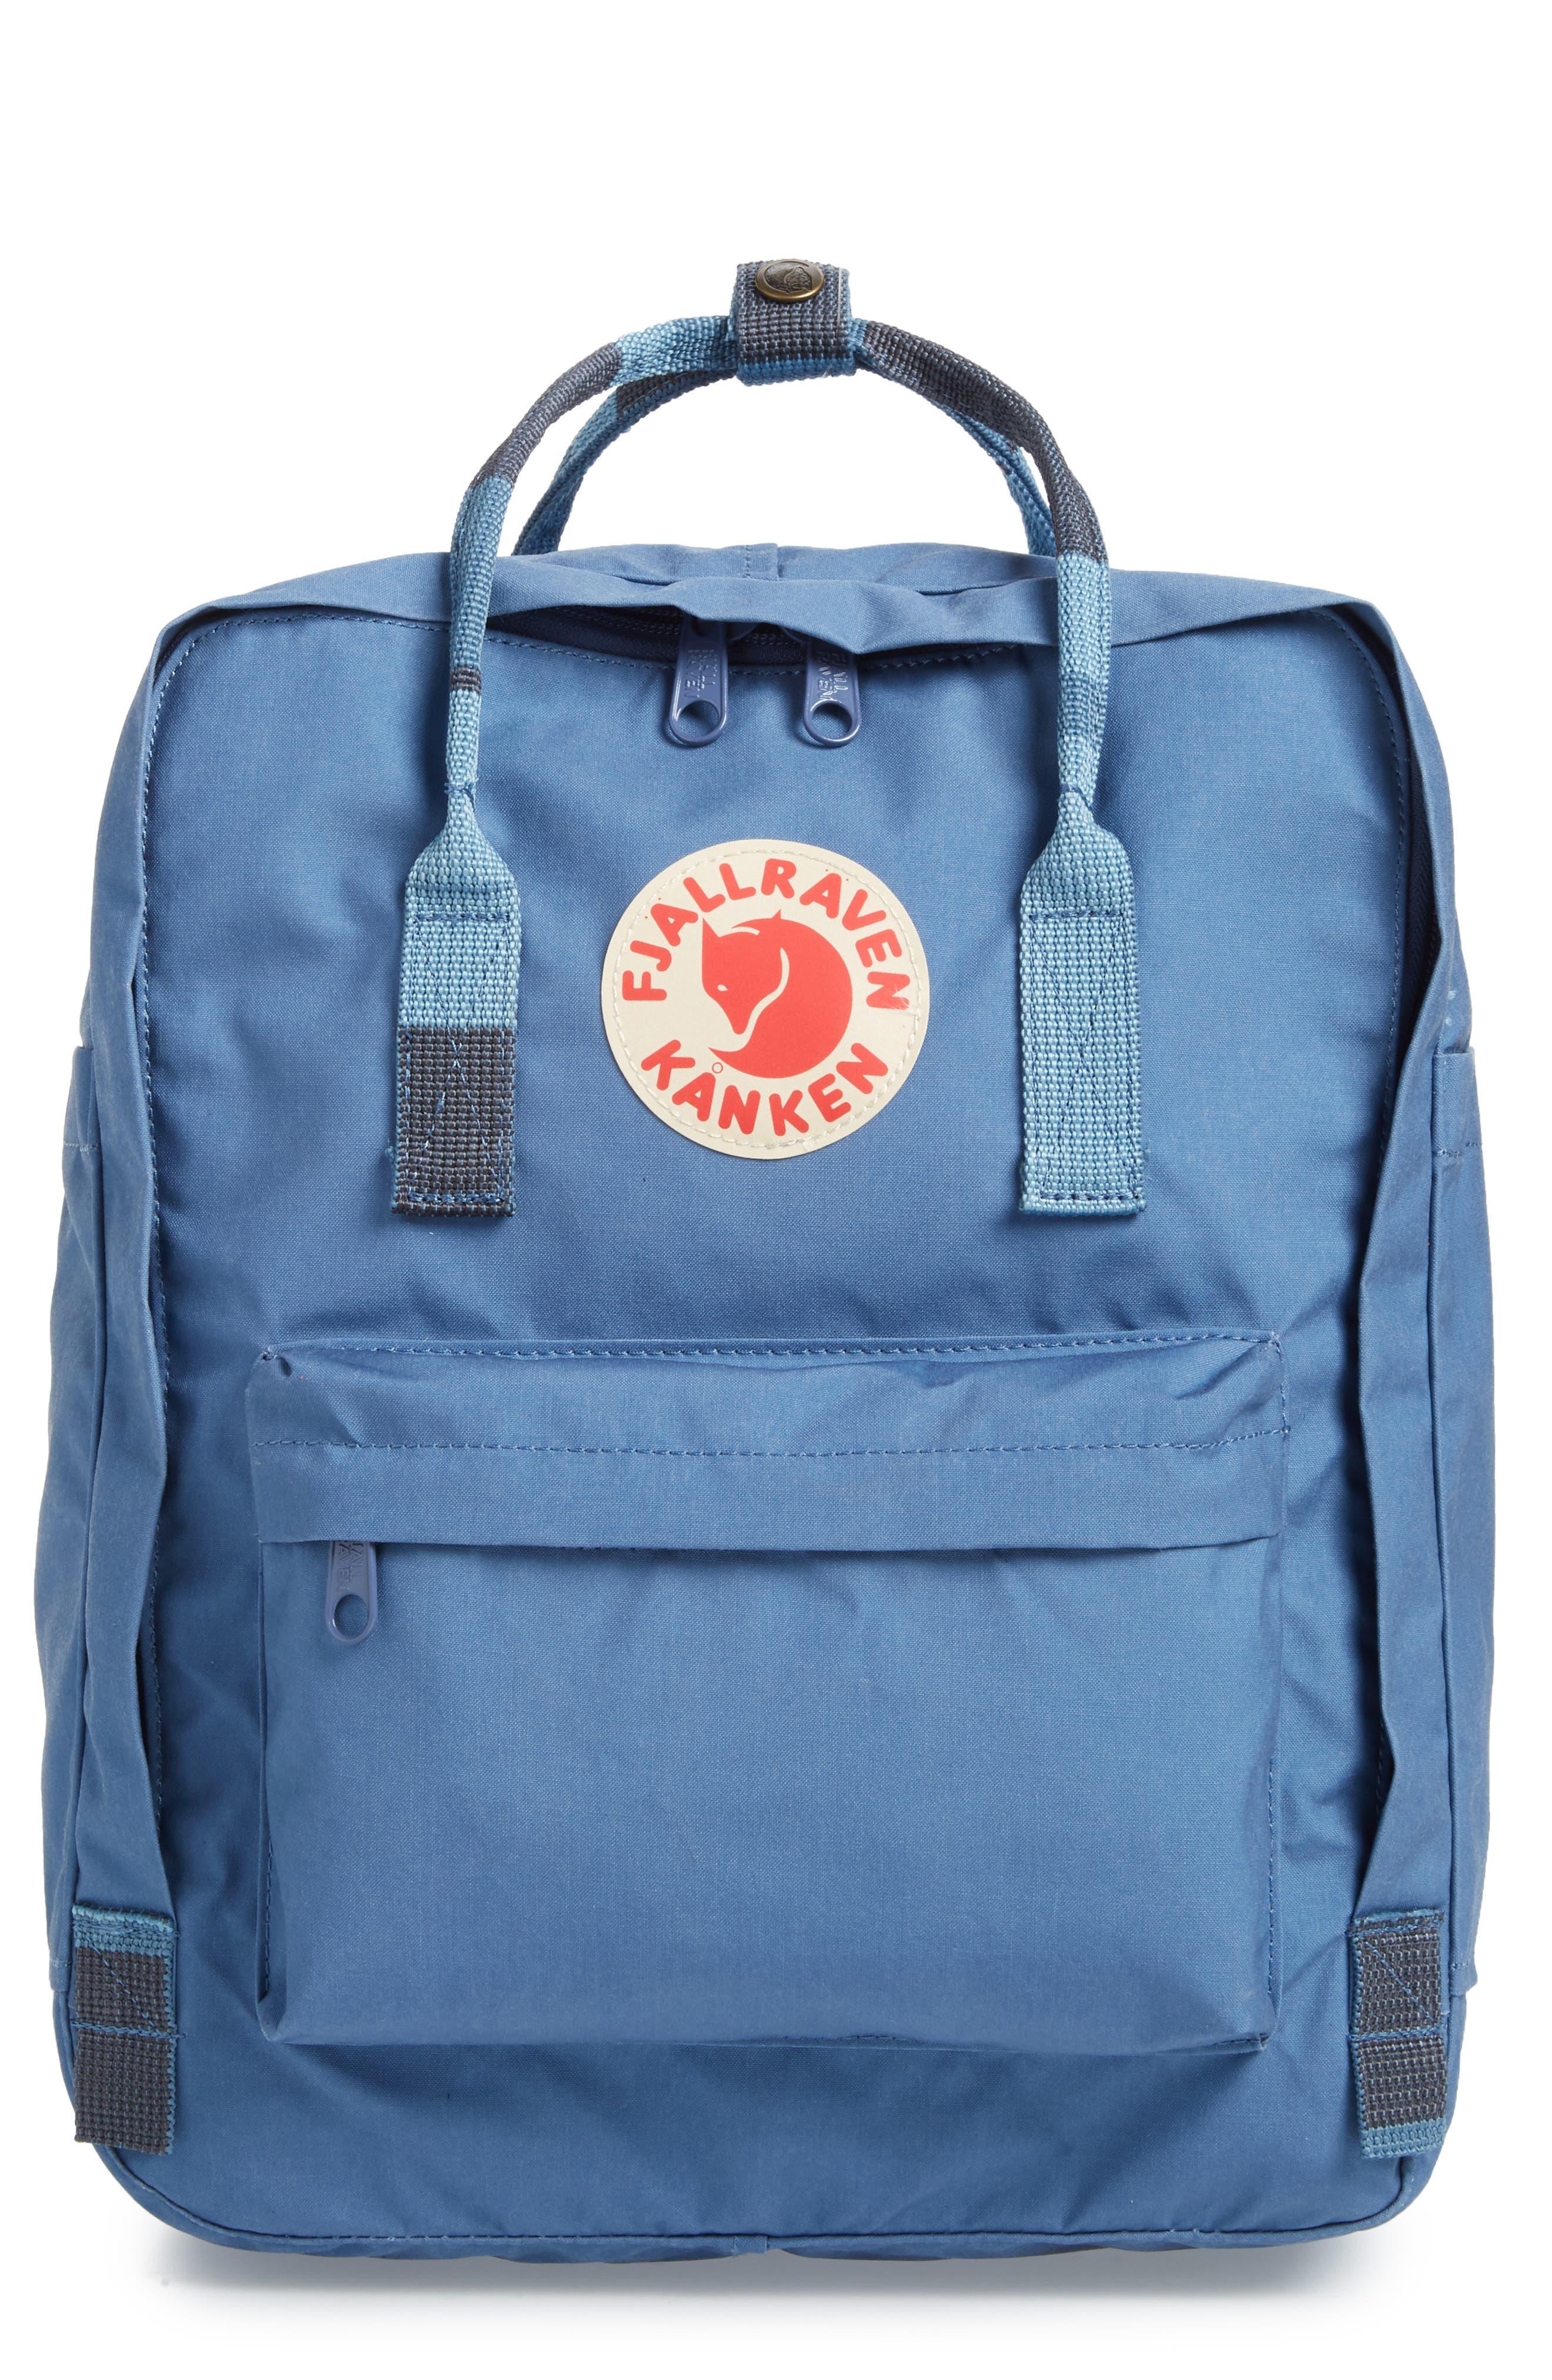 'Kånken' Water Resistant Backpack,                         Main,                         color, Blue Ridge/ Random Blocked